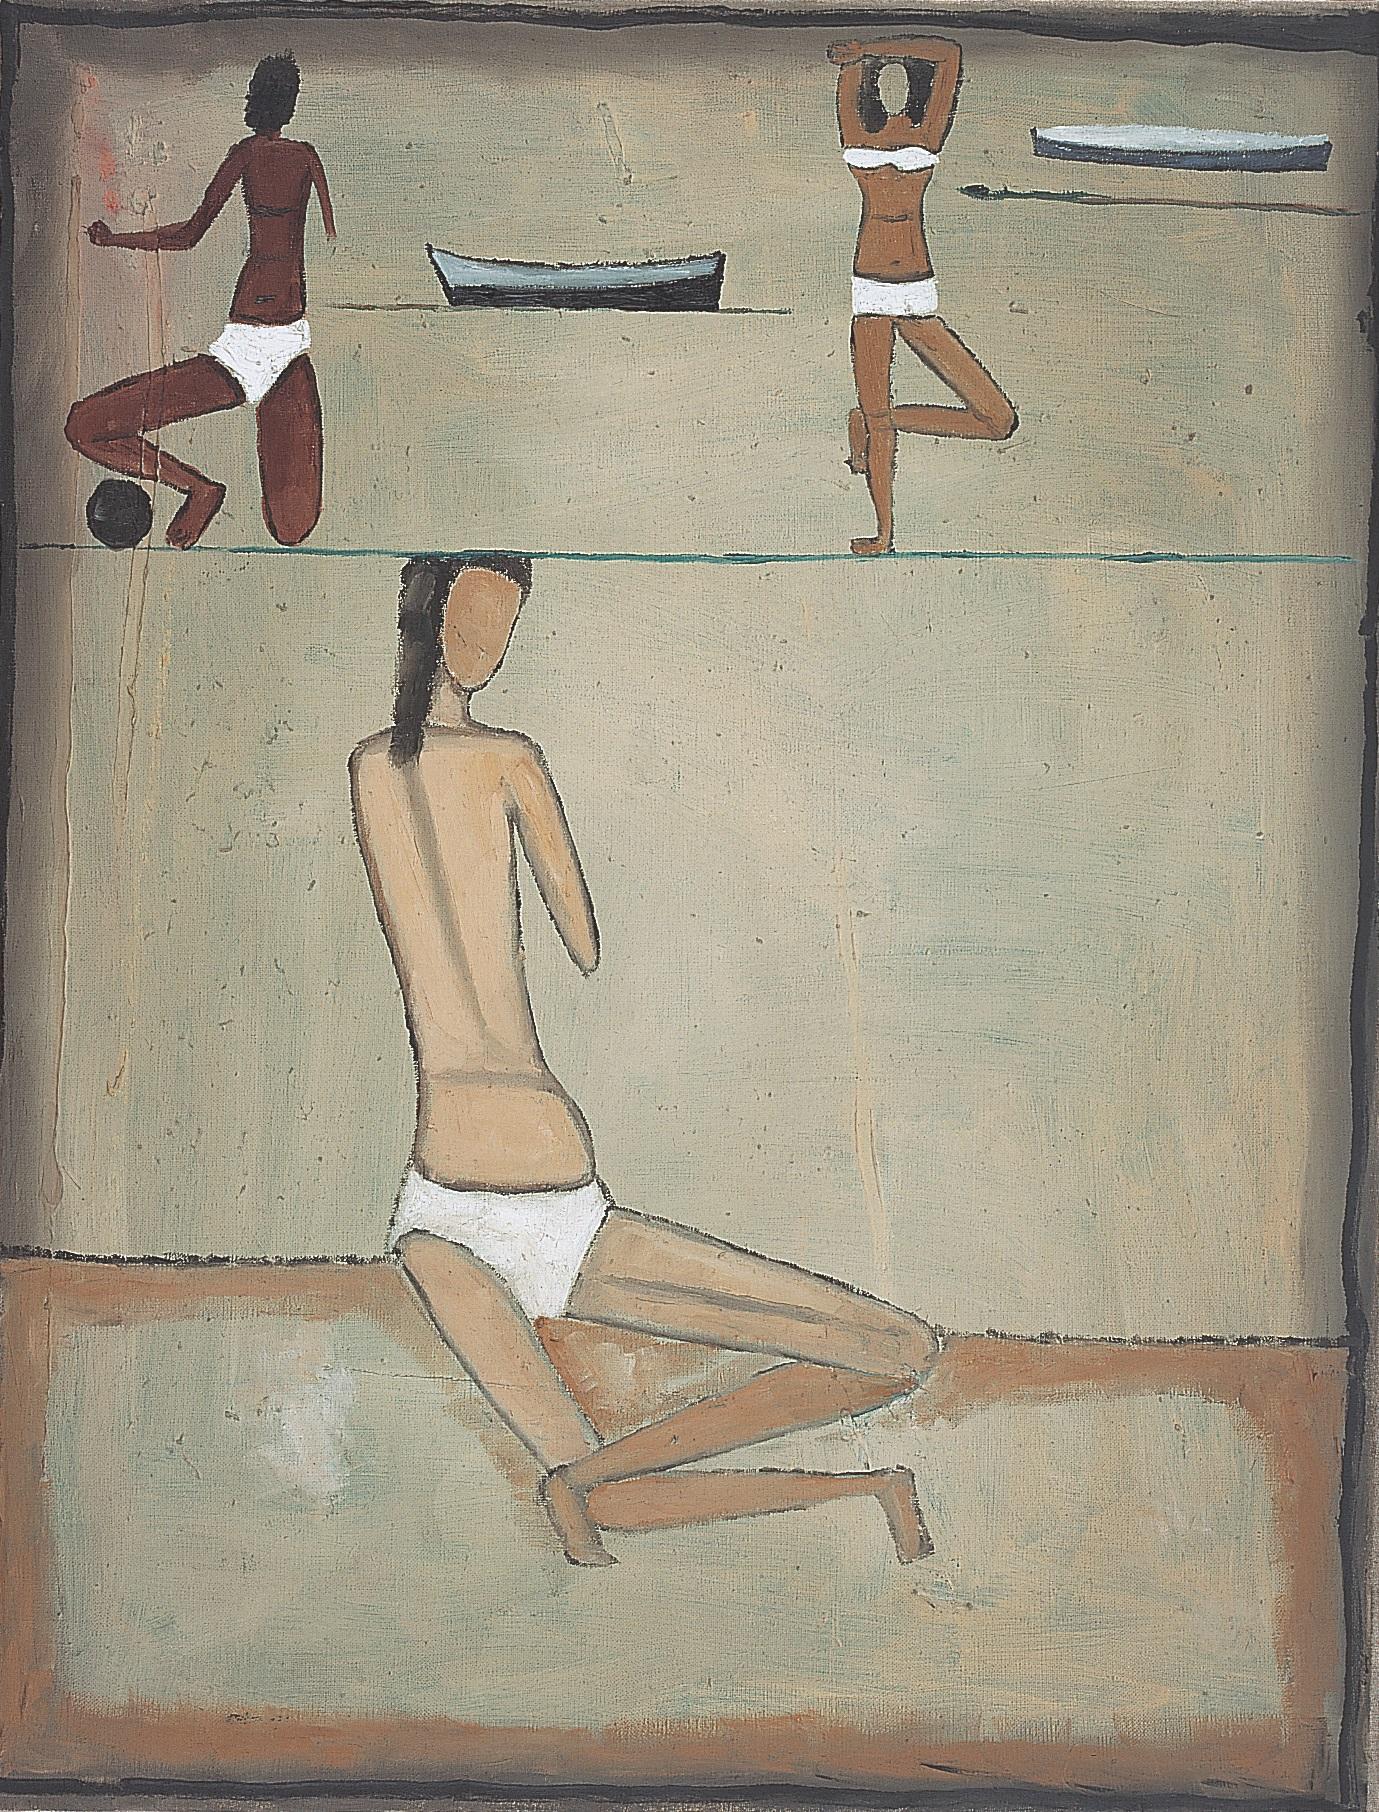 Jerzy Nowosielski, Plaża, 1958, 65 x 50 cm, olej/płótno, Fundacja Nowosielskich